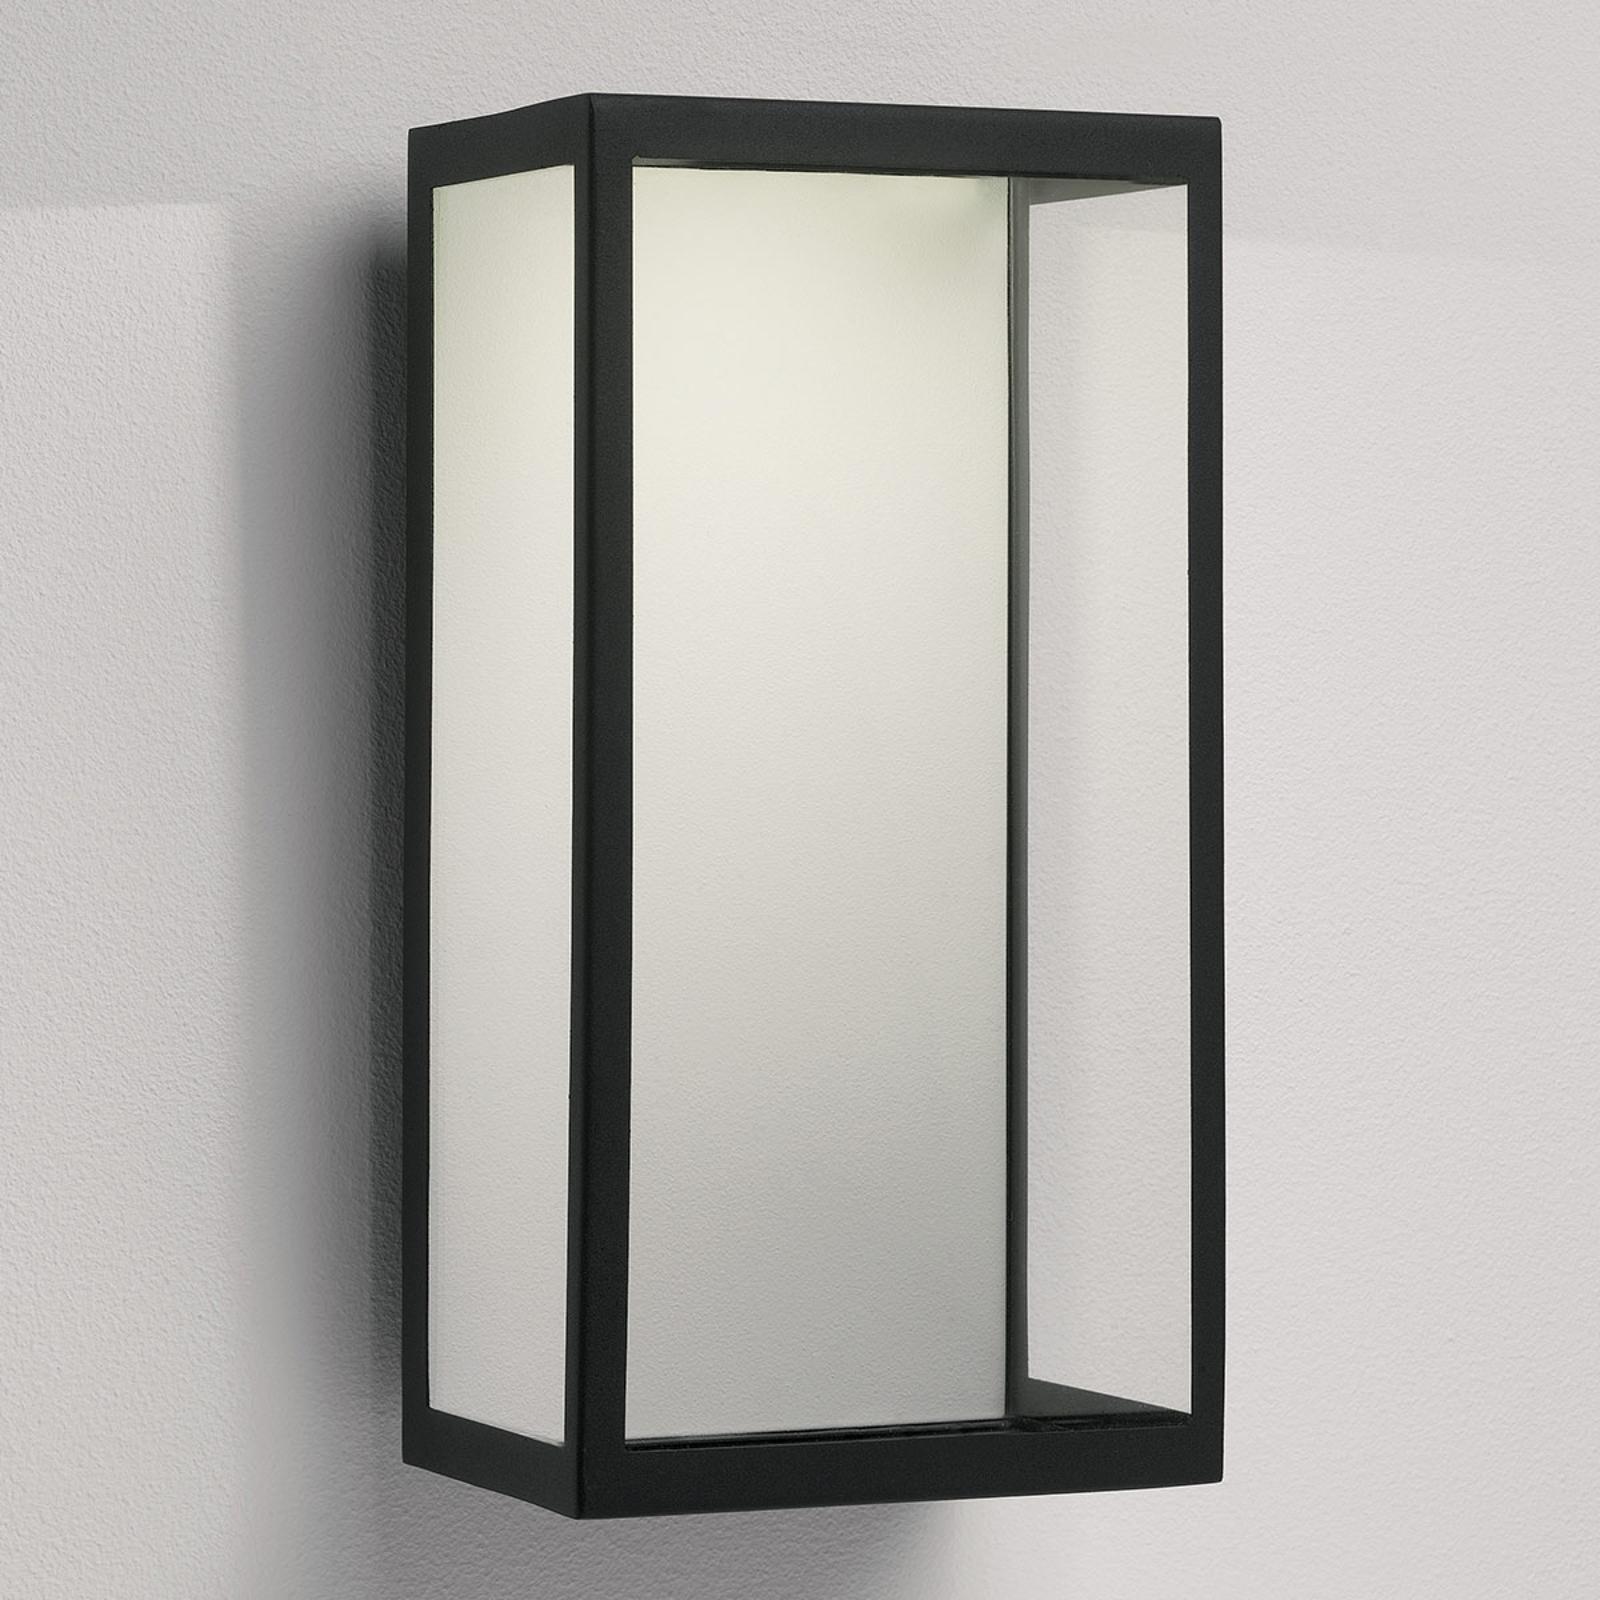 LED-buitenwandlamp Puzzle in zwart